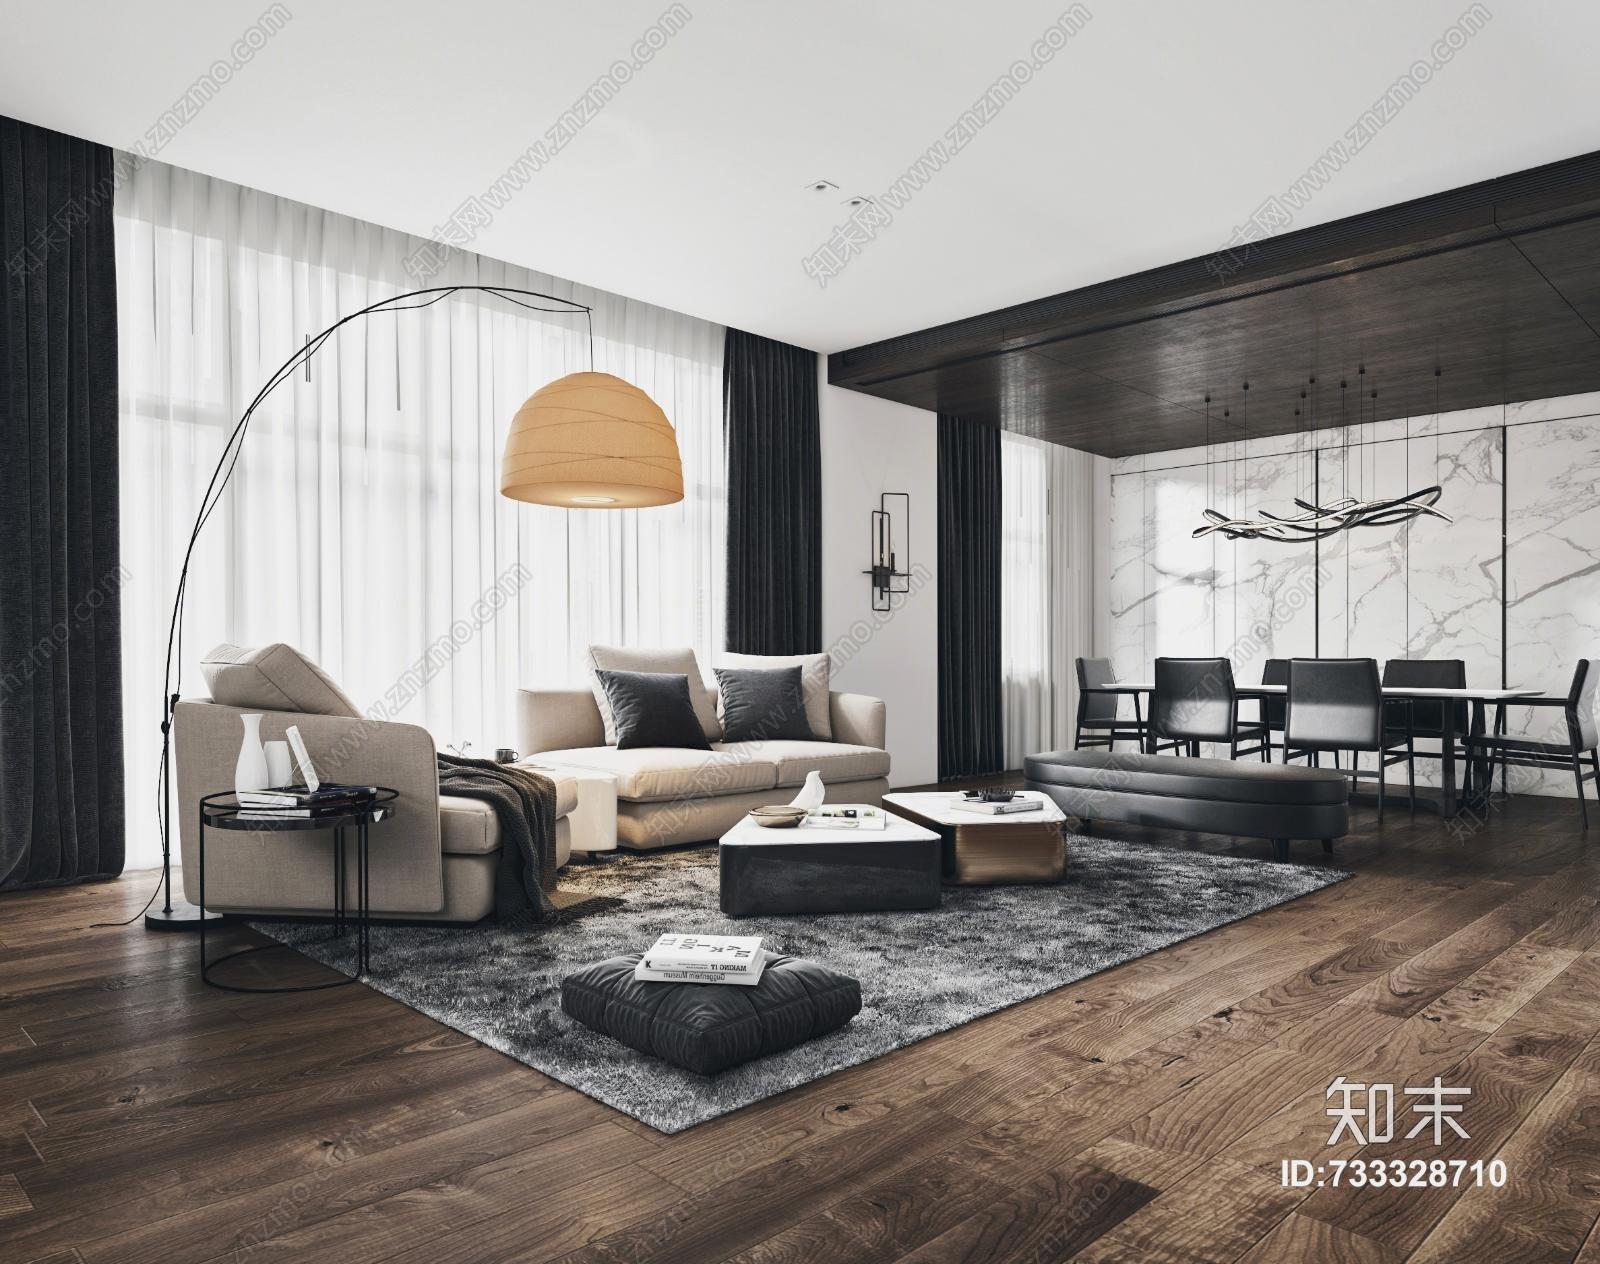 现代客厅 现代沙发 落地灯 餐桌 餐椅 椅子 凳子 踏 茶几